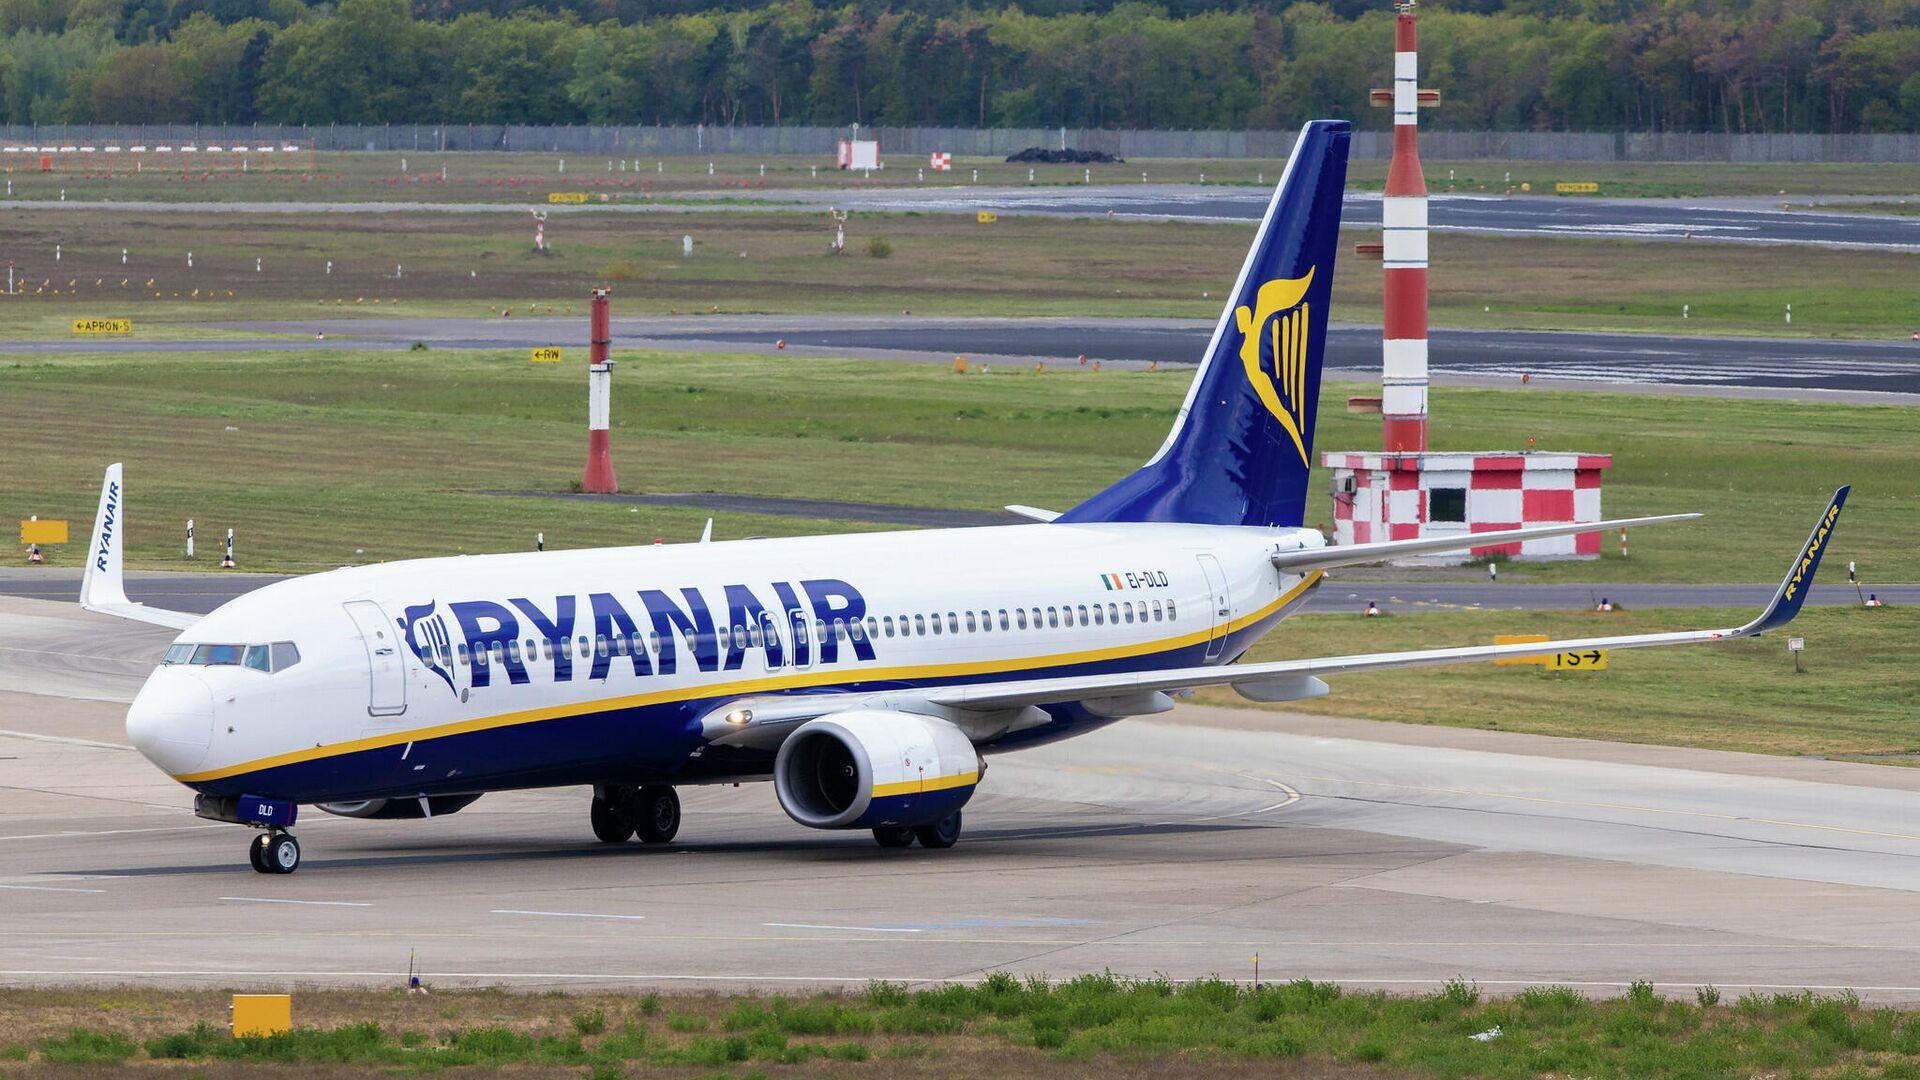 Самолет авиакомпании Ryanair в аэропорту Берлина, Германия - РИА Новости, 1920, 10.06.2021